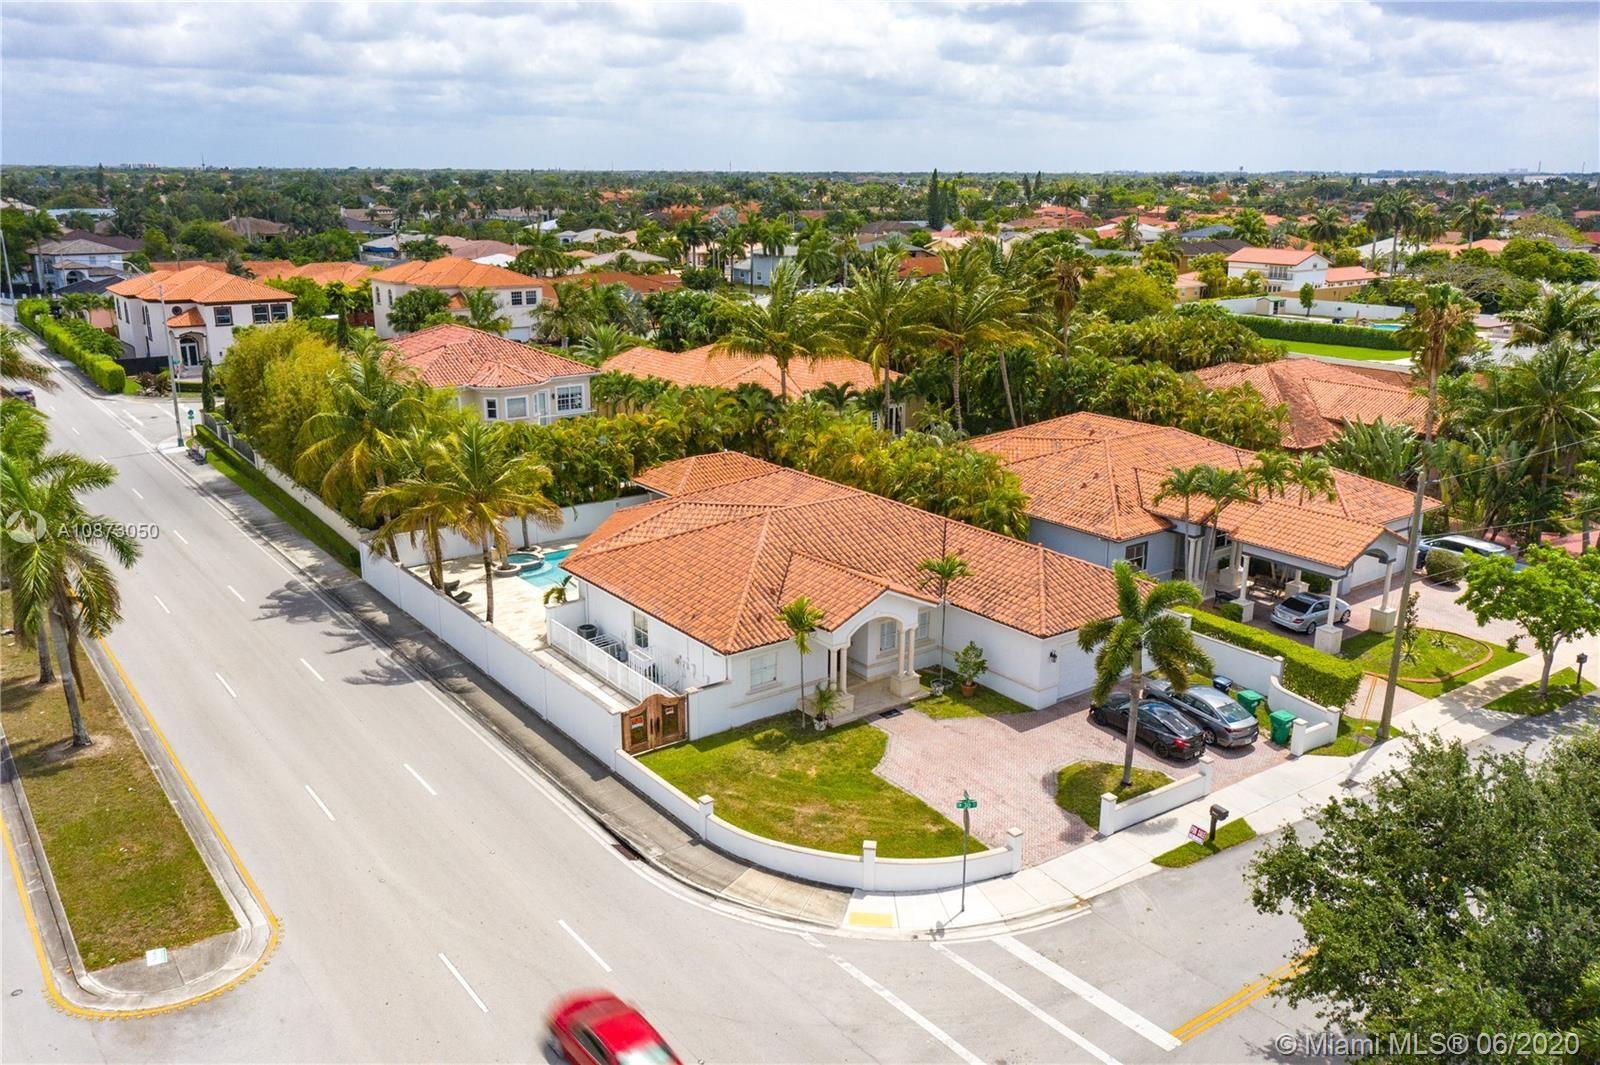 13700 SW 30th St, Miami, FL 33175 - #: A10873050